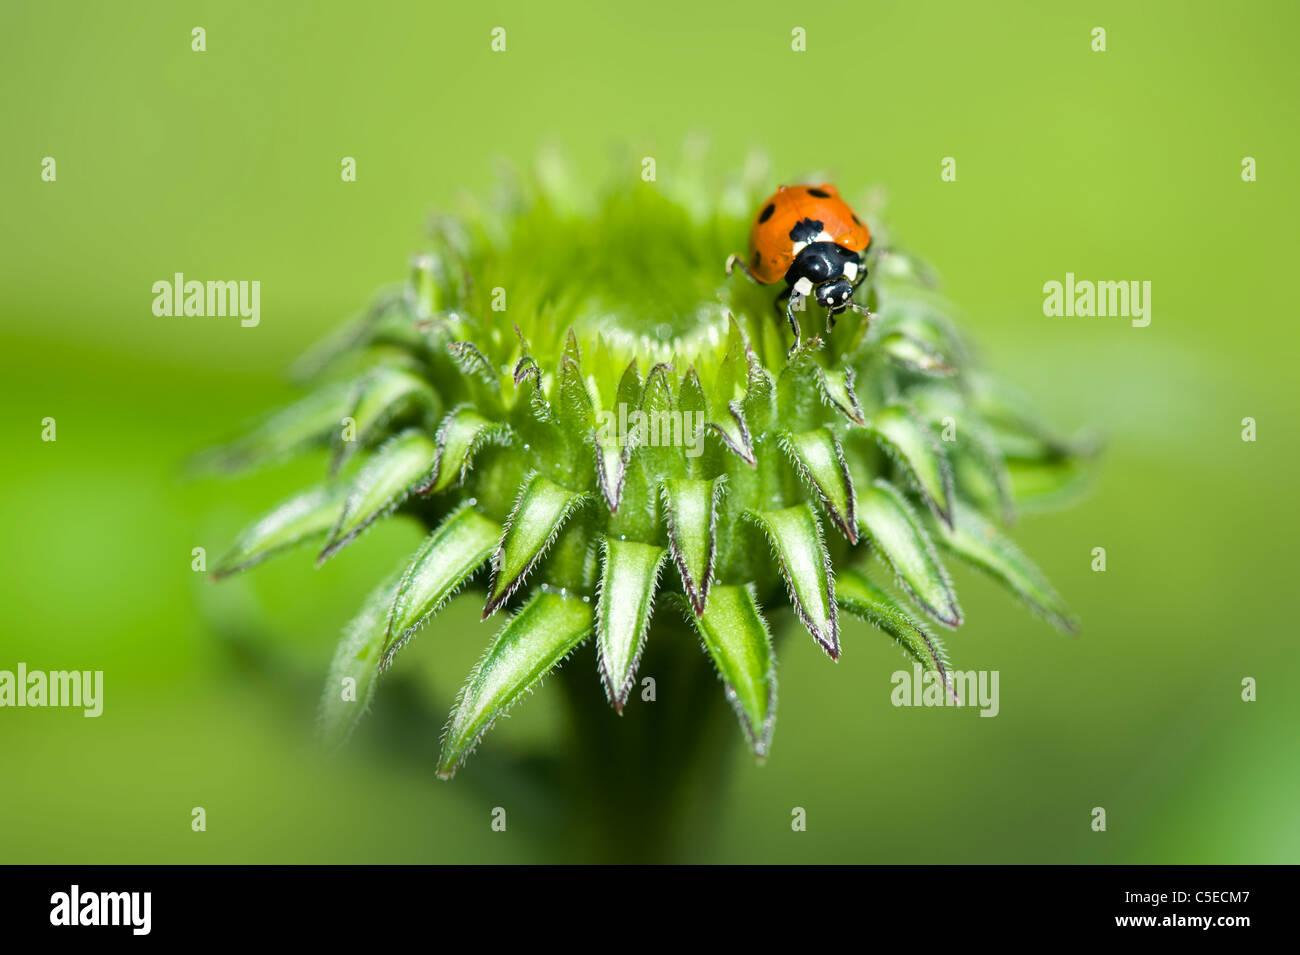 Nahaufnahme Bild von einem Seven-Spot Ladybird - Coccinella Septempunctata auf die Knospe einer Sonnenhut - Echinacea Stockbild